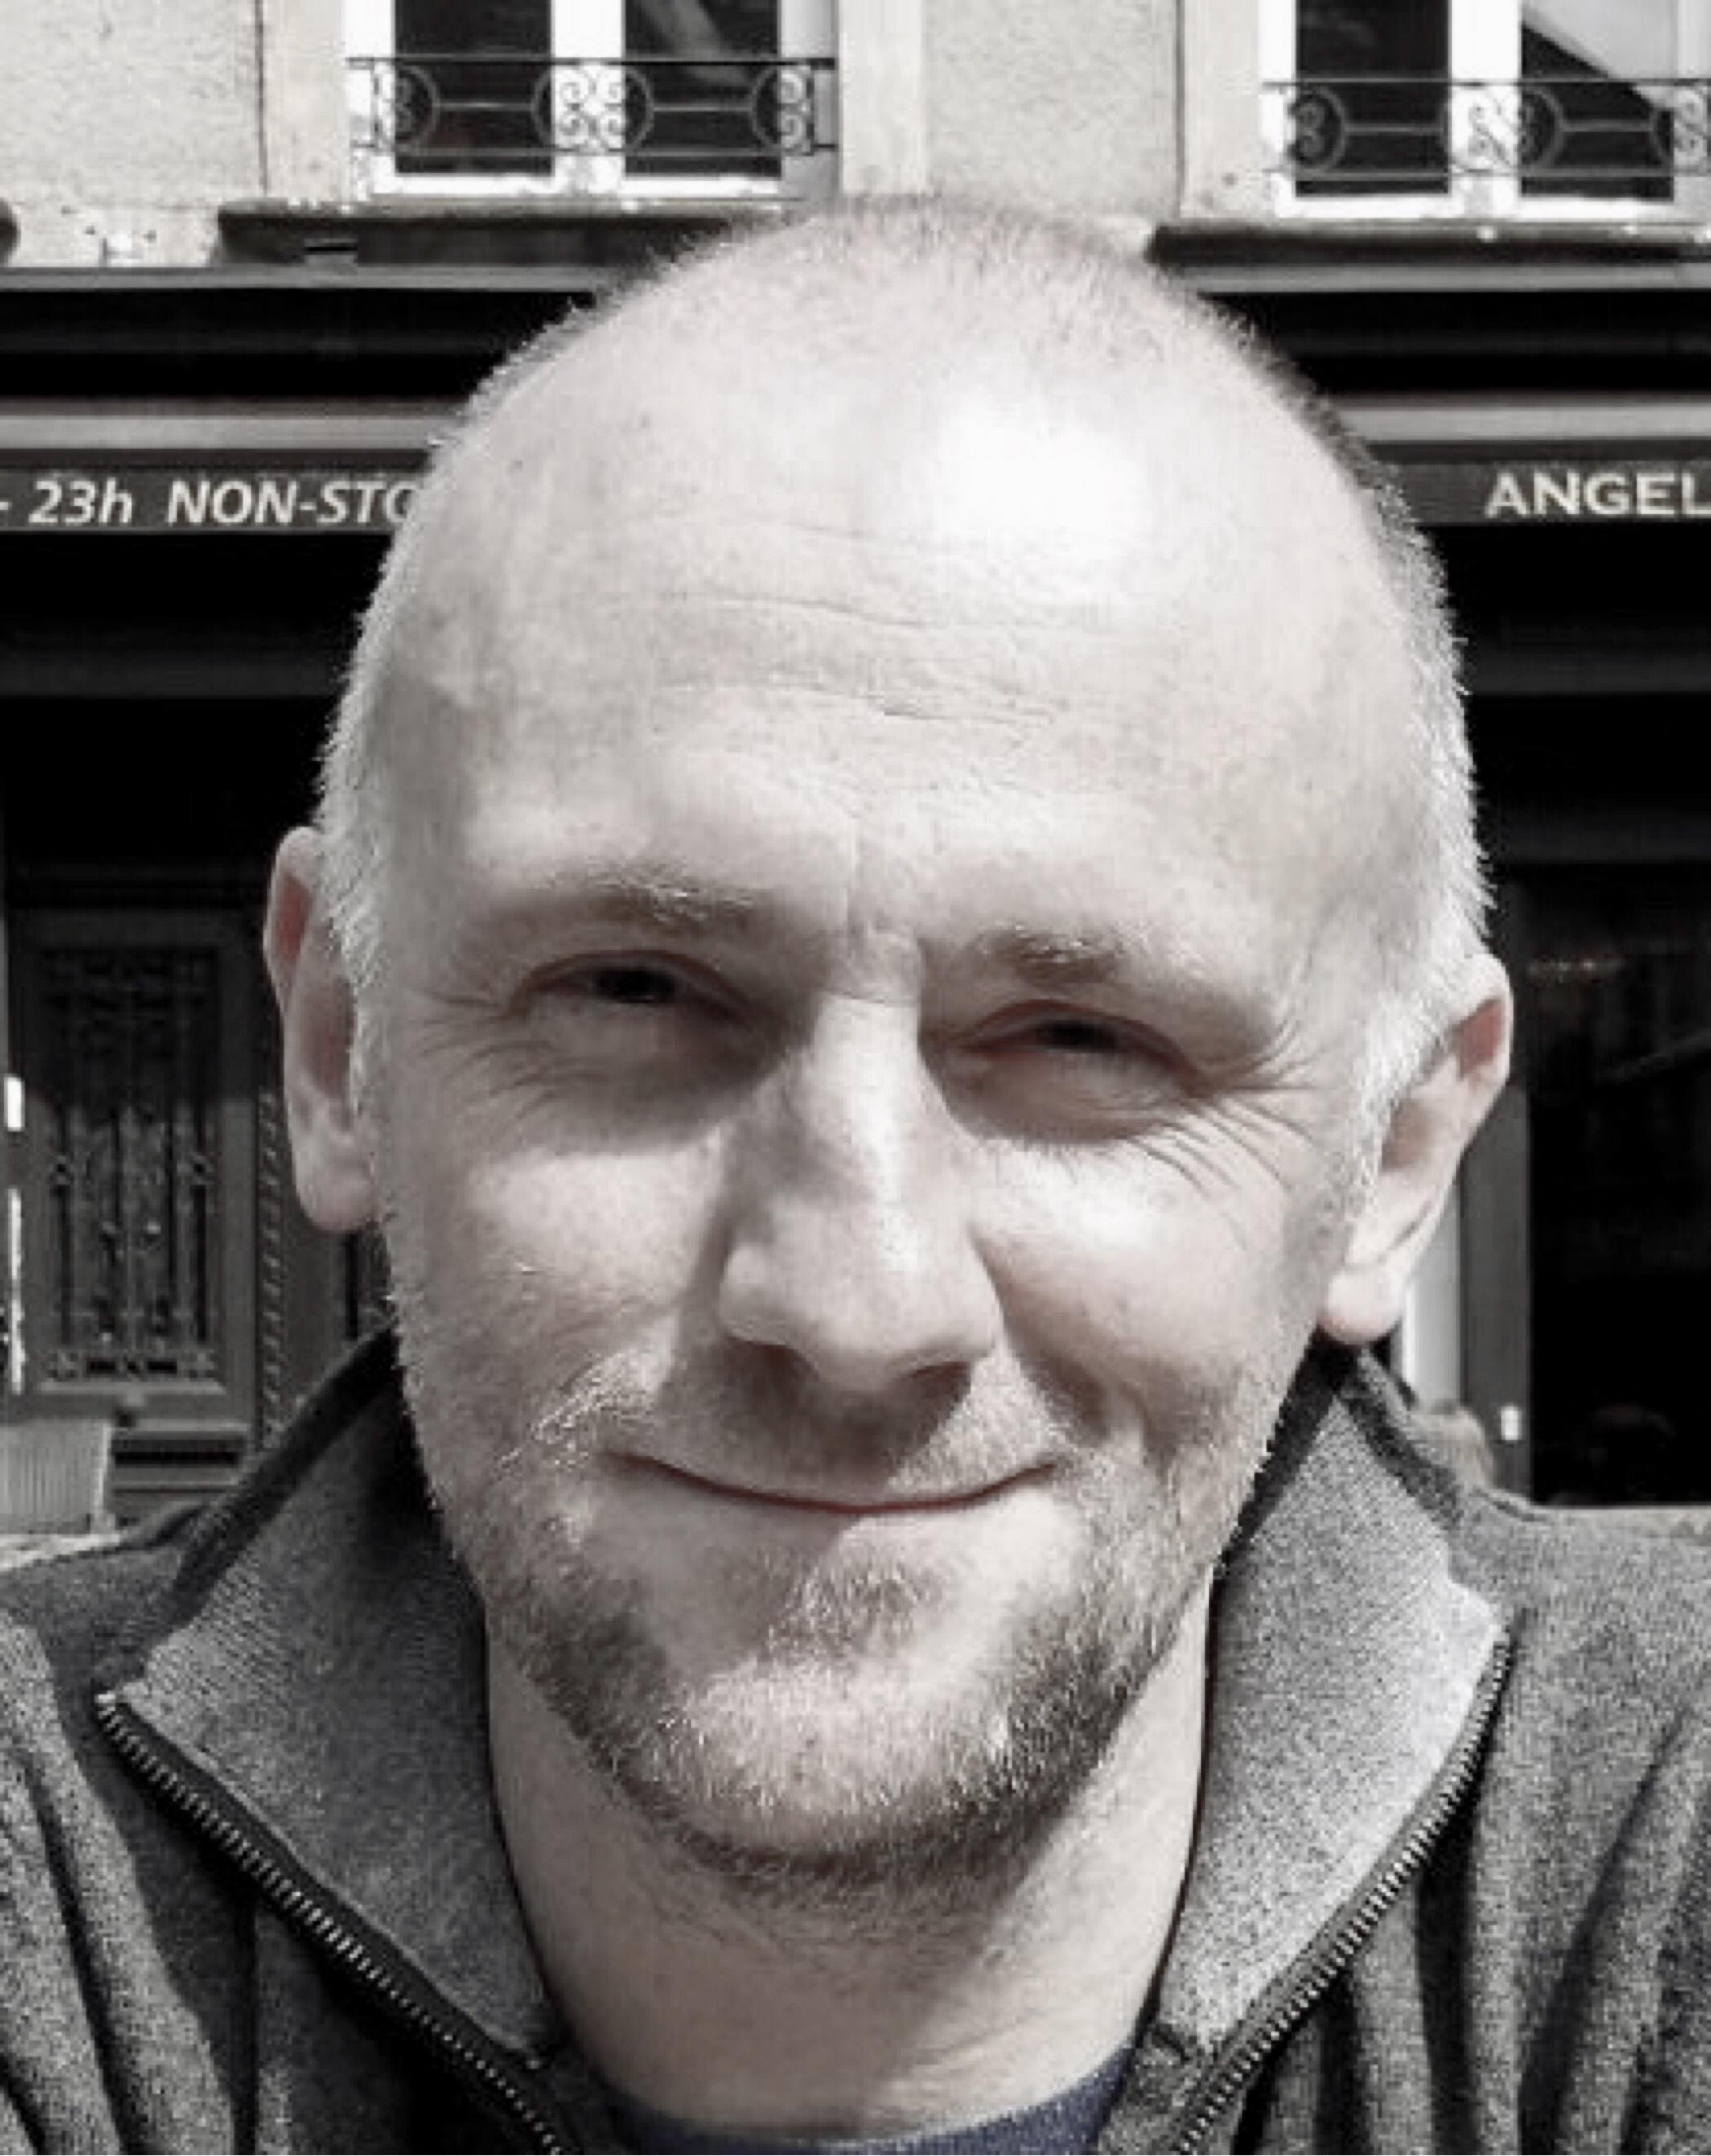 roberto gagnor / CEO, screenwriter, director